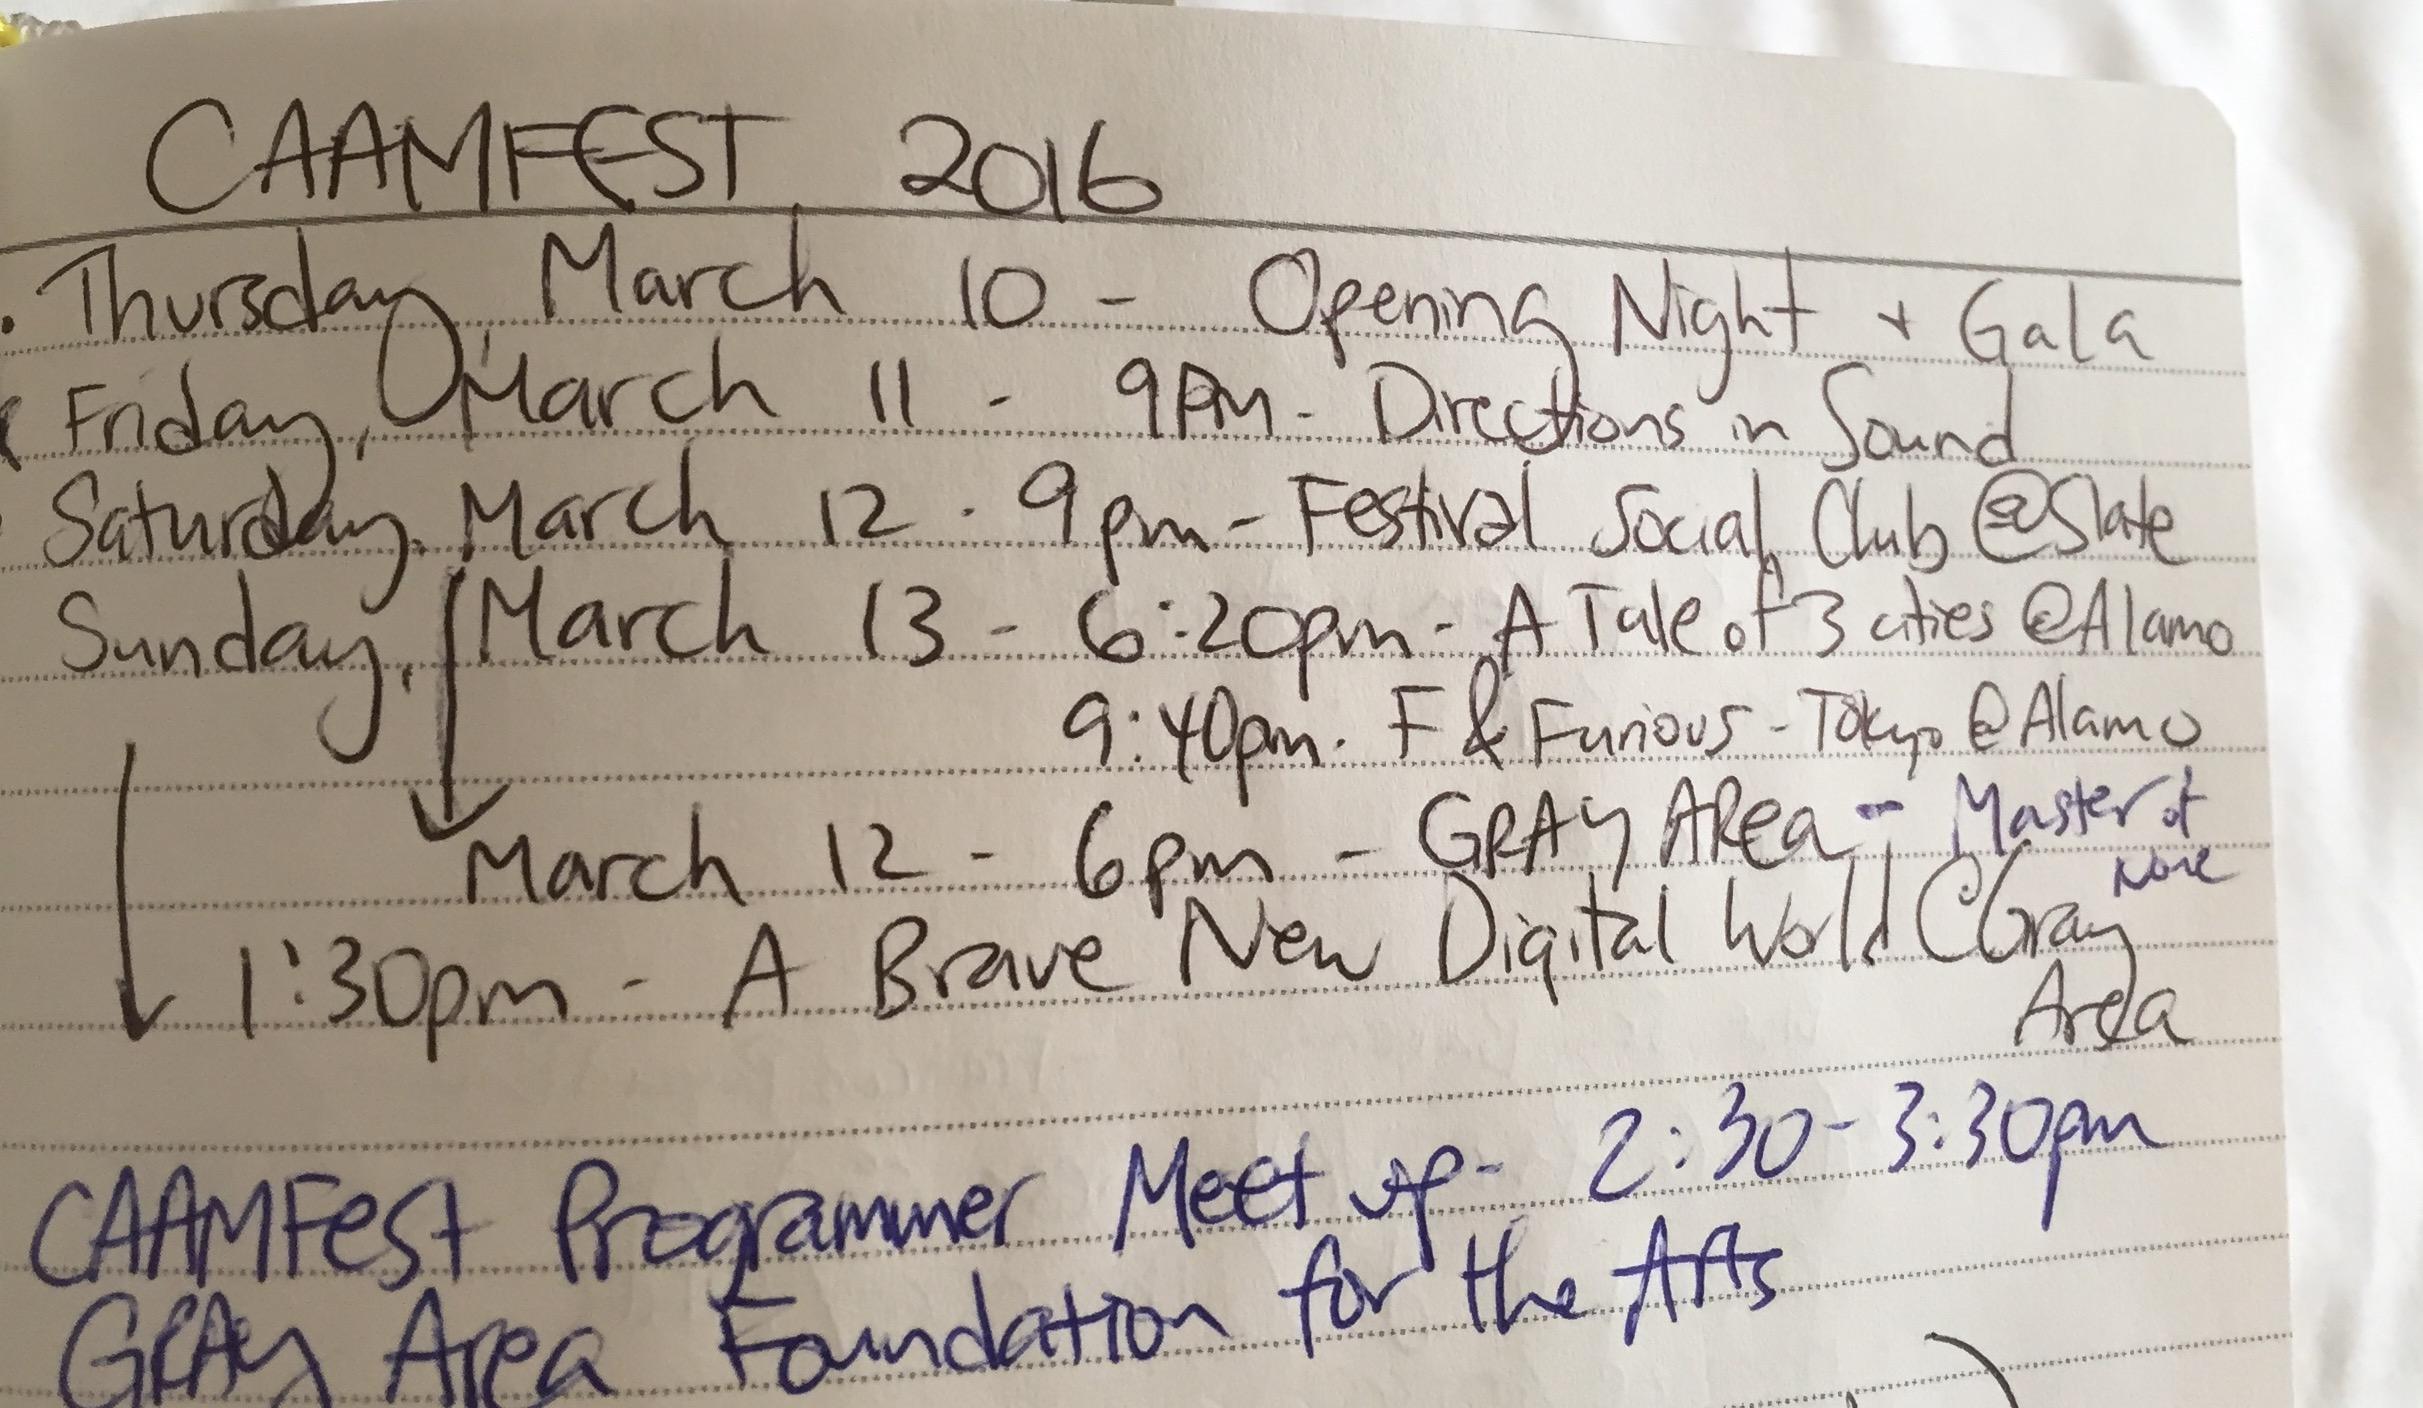 CAAMFest'16 schedule